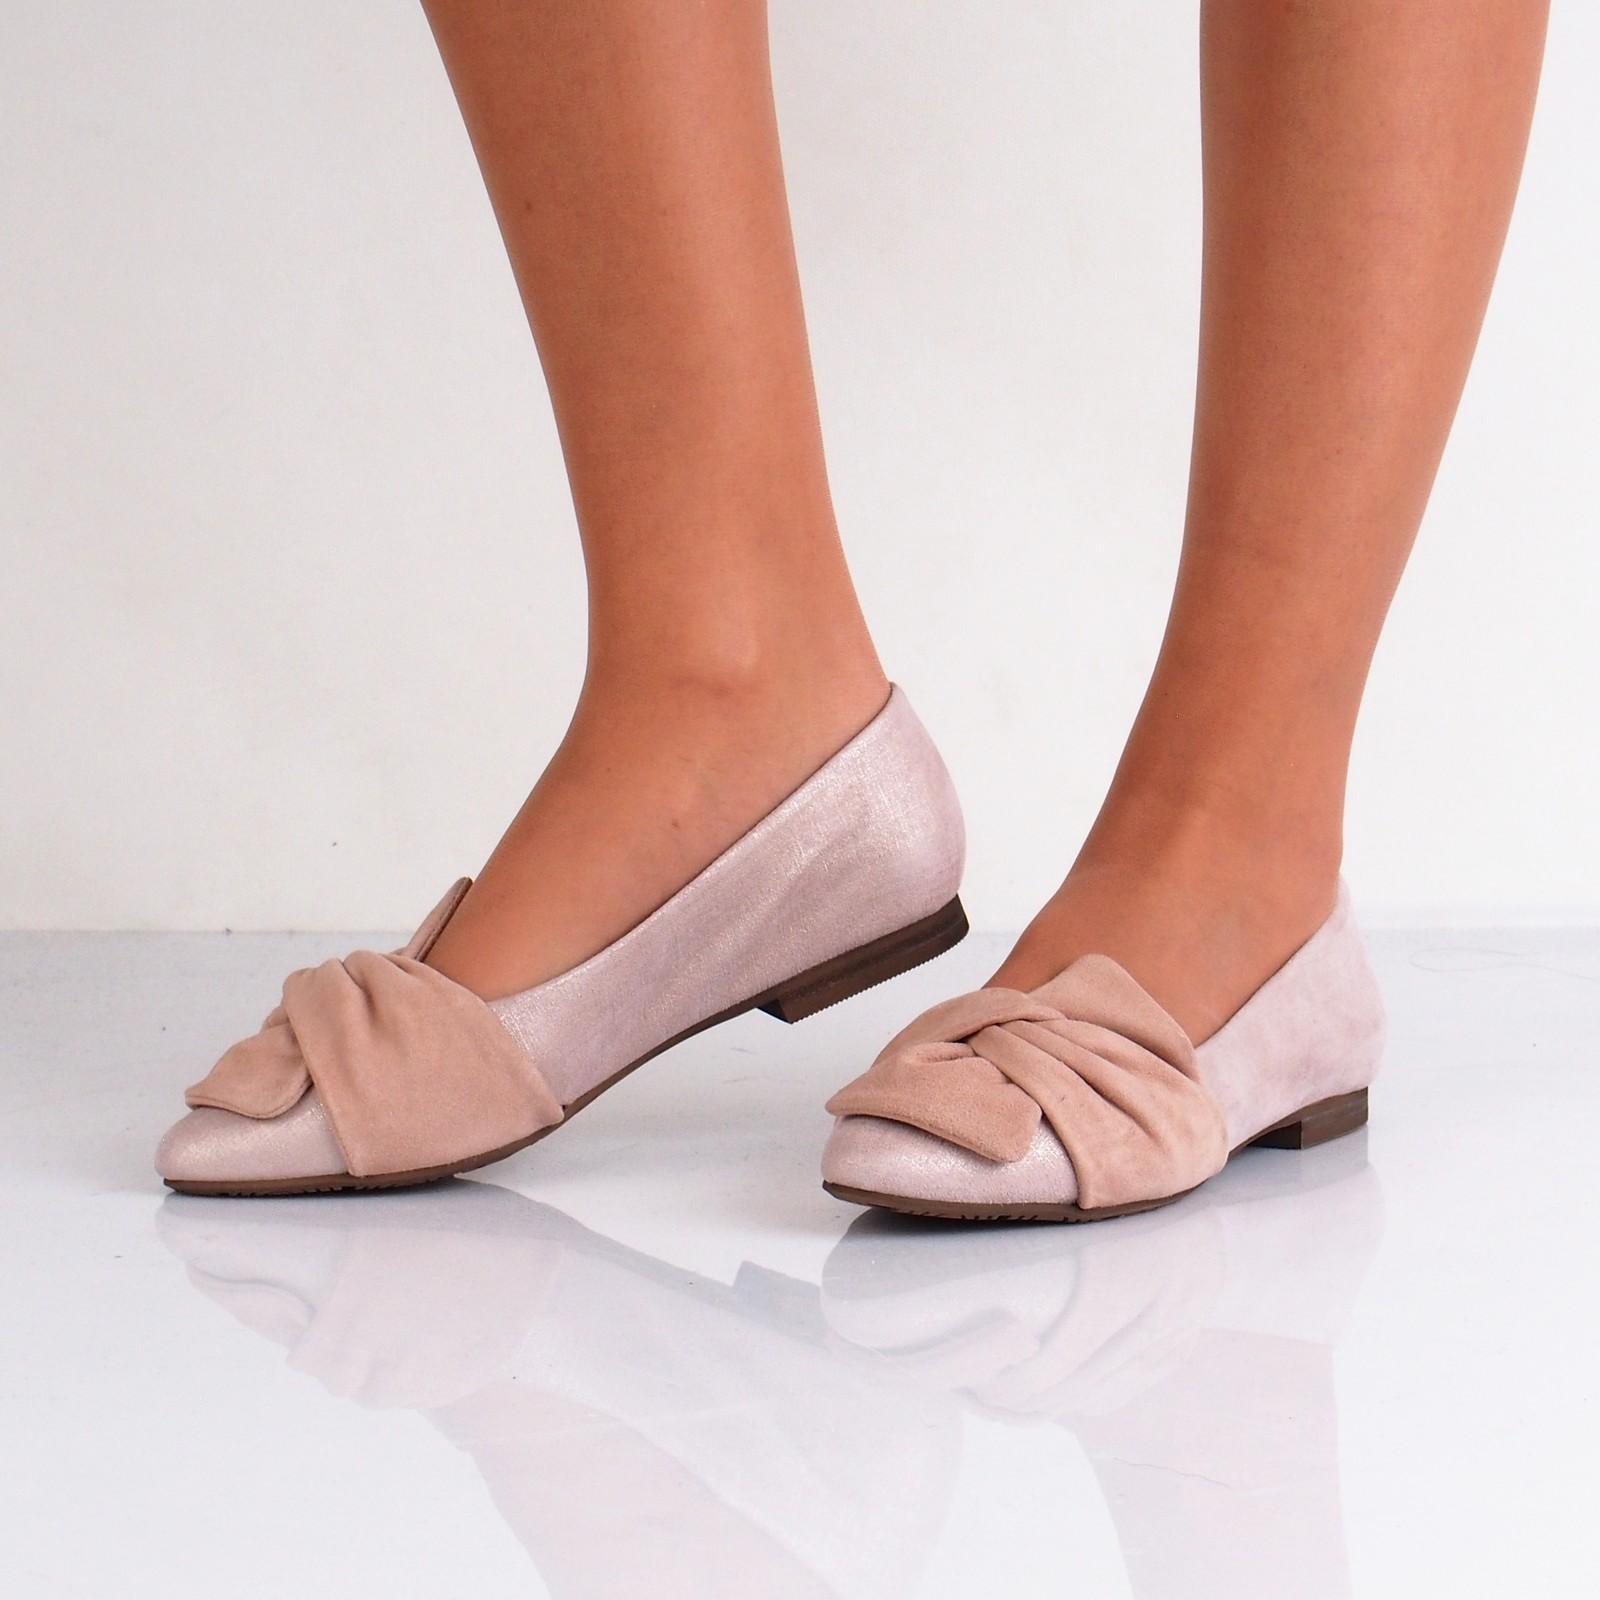 4c2ba9eb4e ... Regarde le ciel dámske kožené balerínky - ružové ...